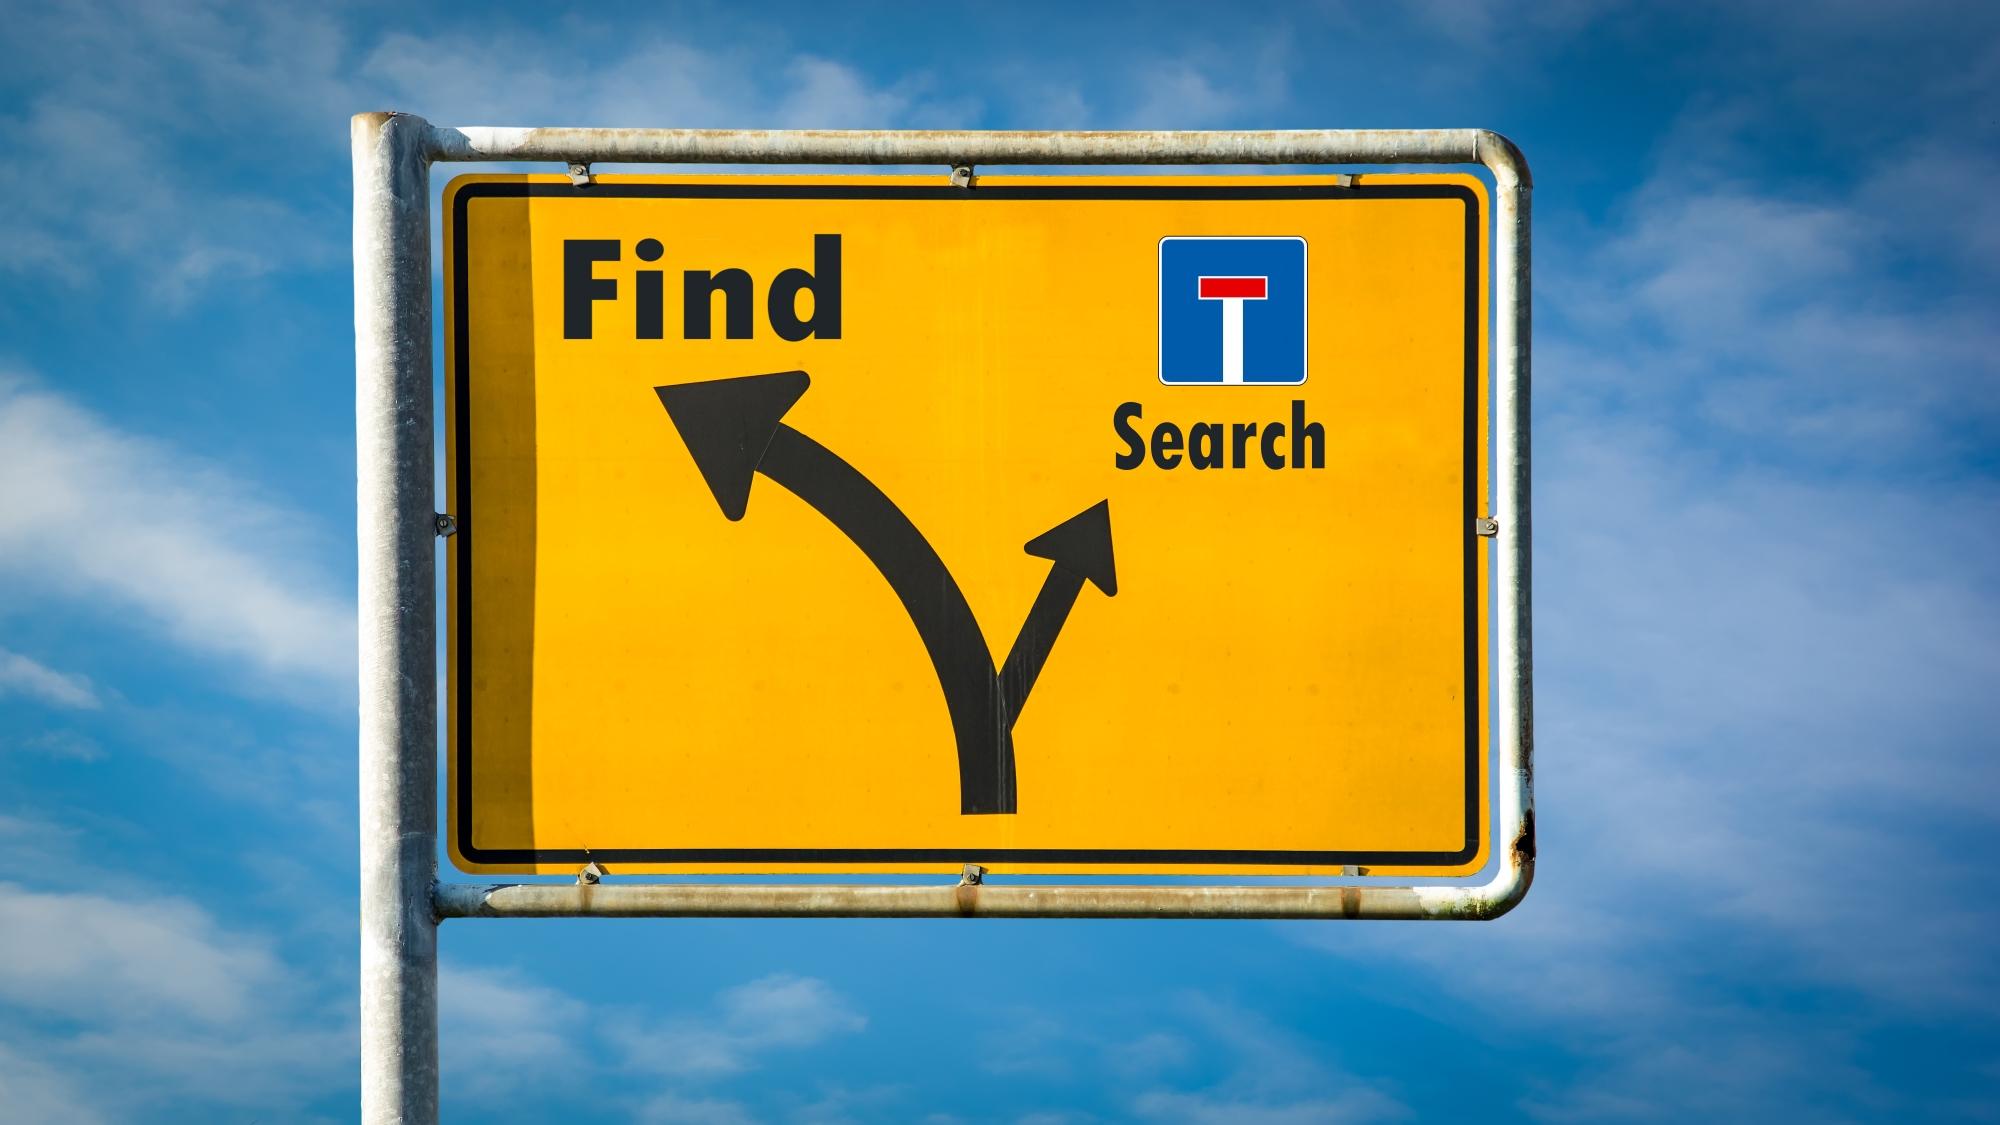 Finden statt suchen – Dateien finden mit incite